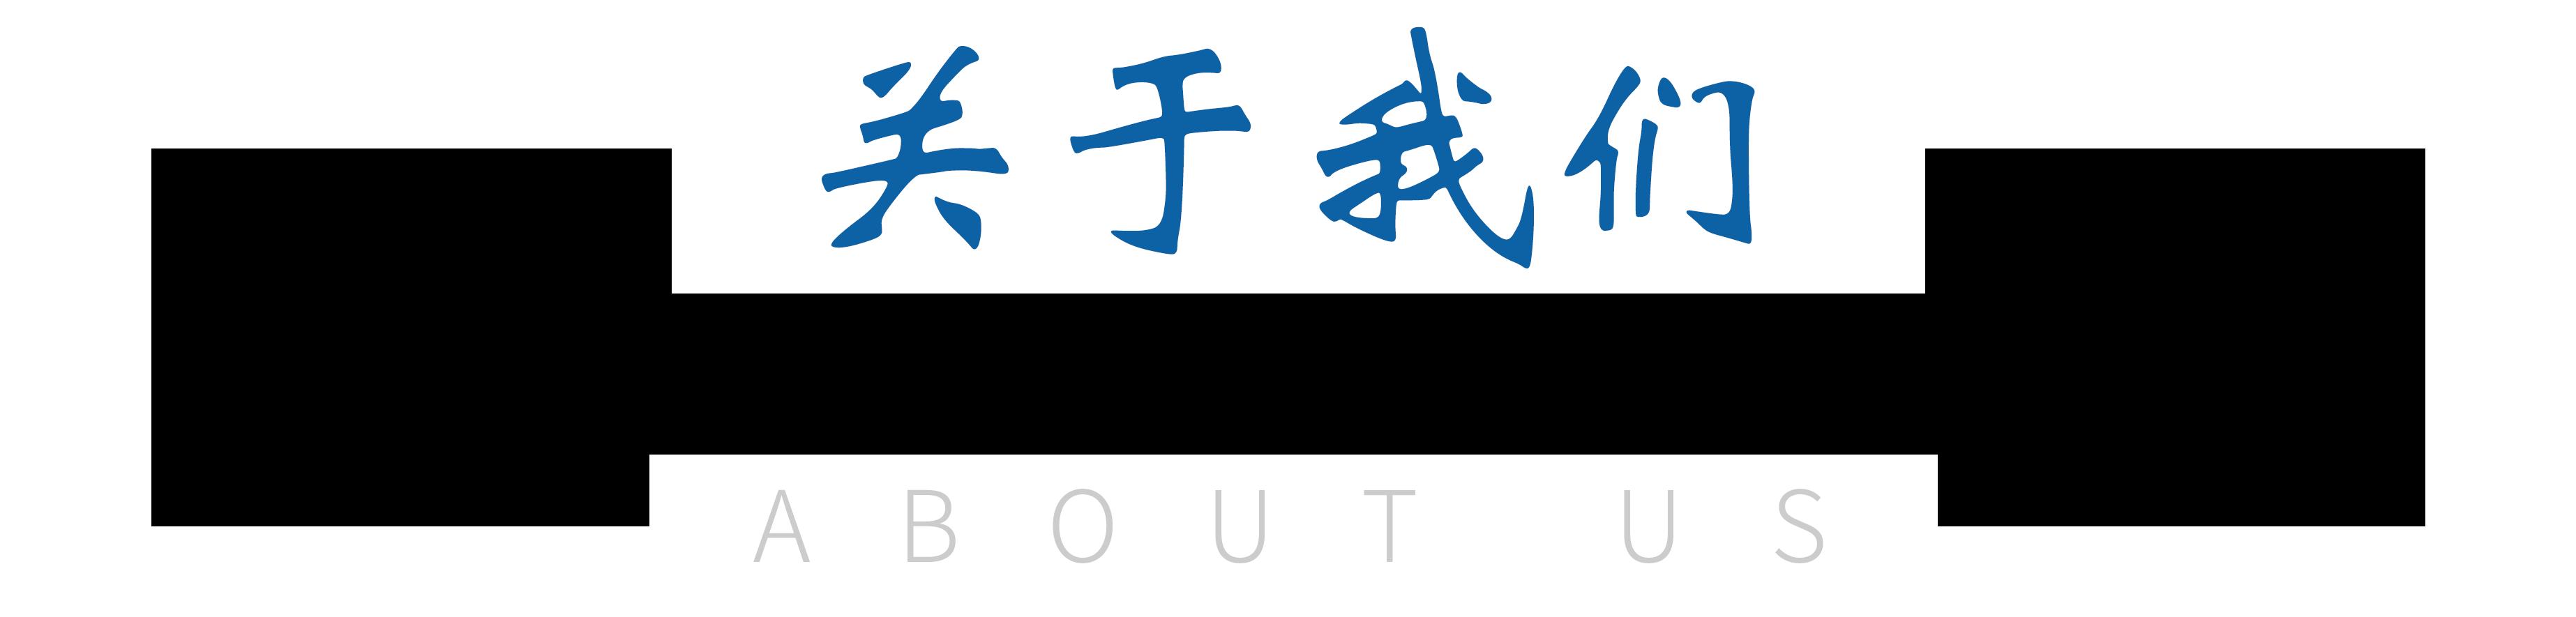 莱州双鑫自动化设备